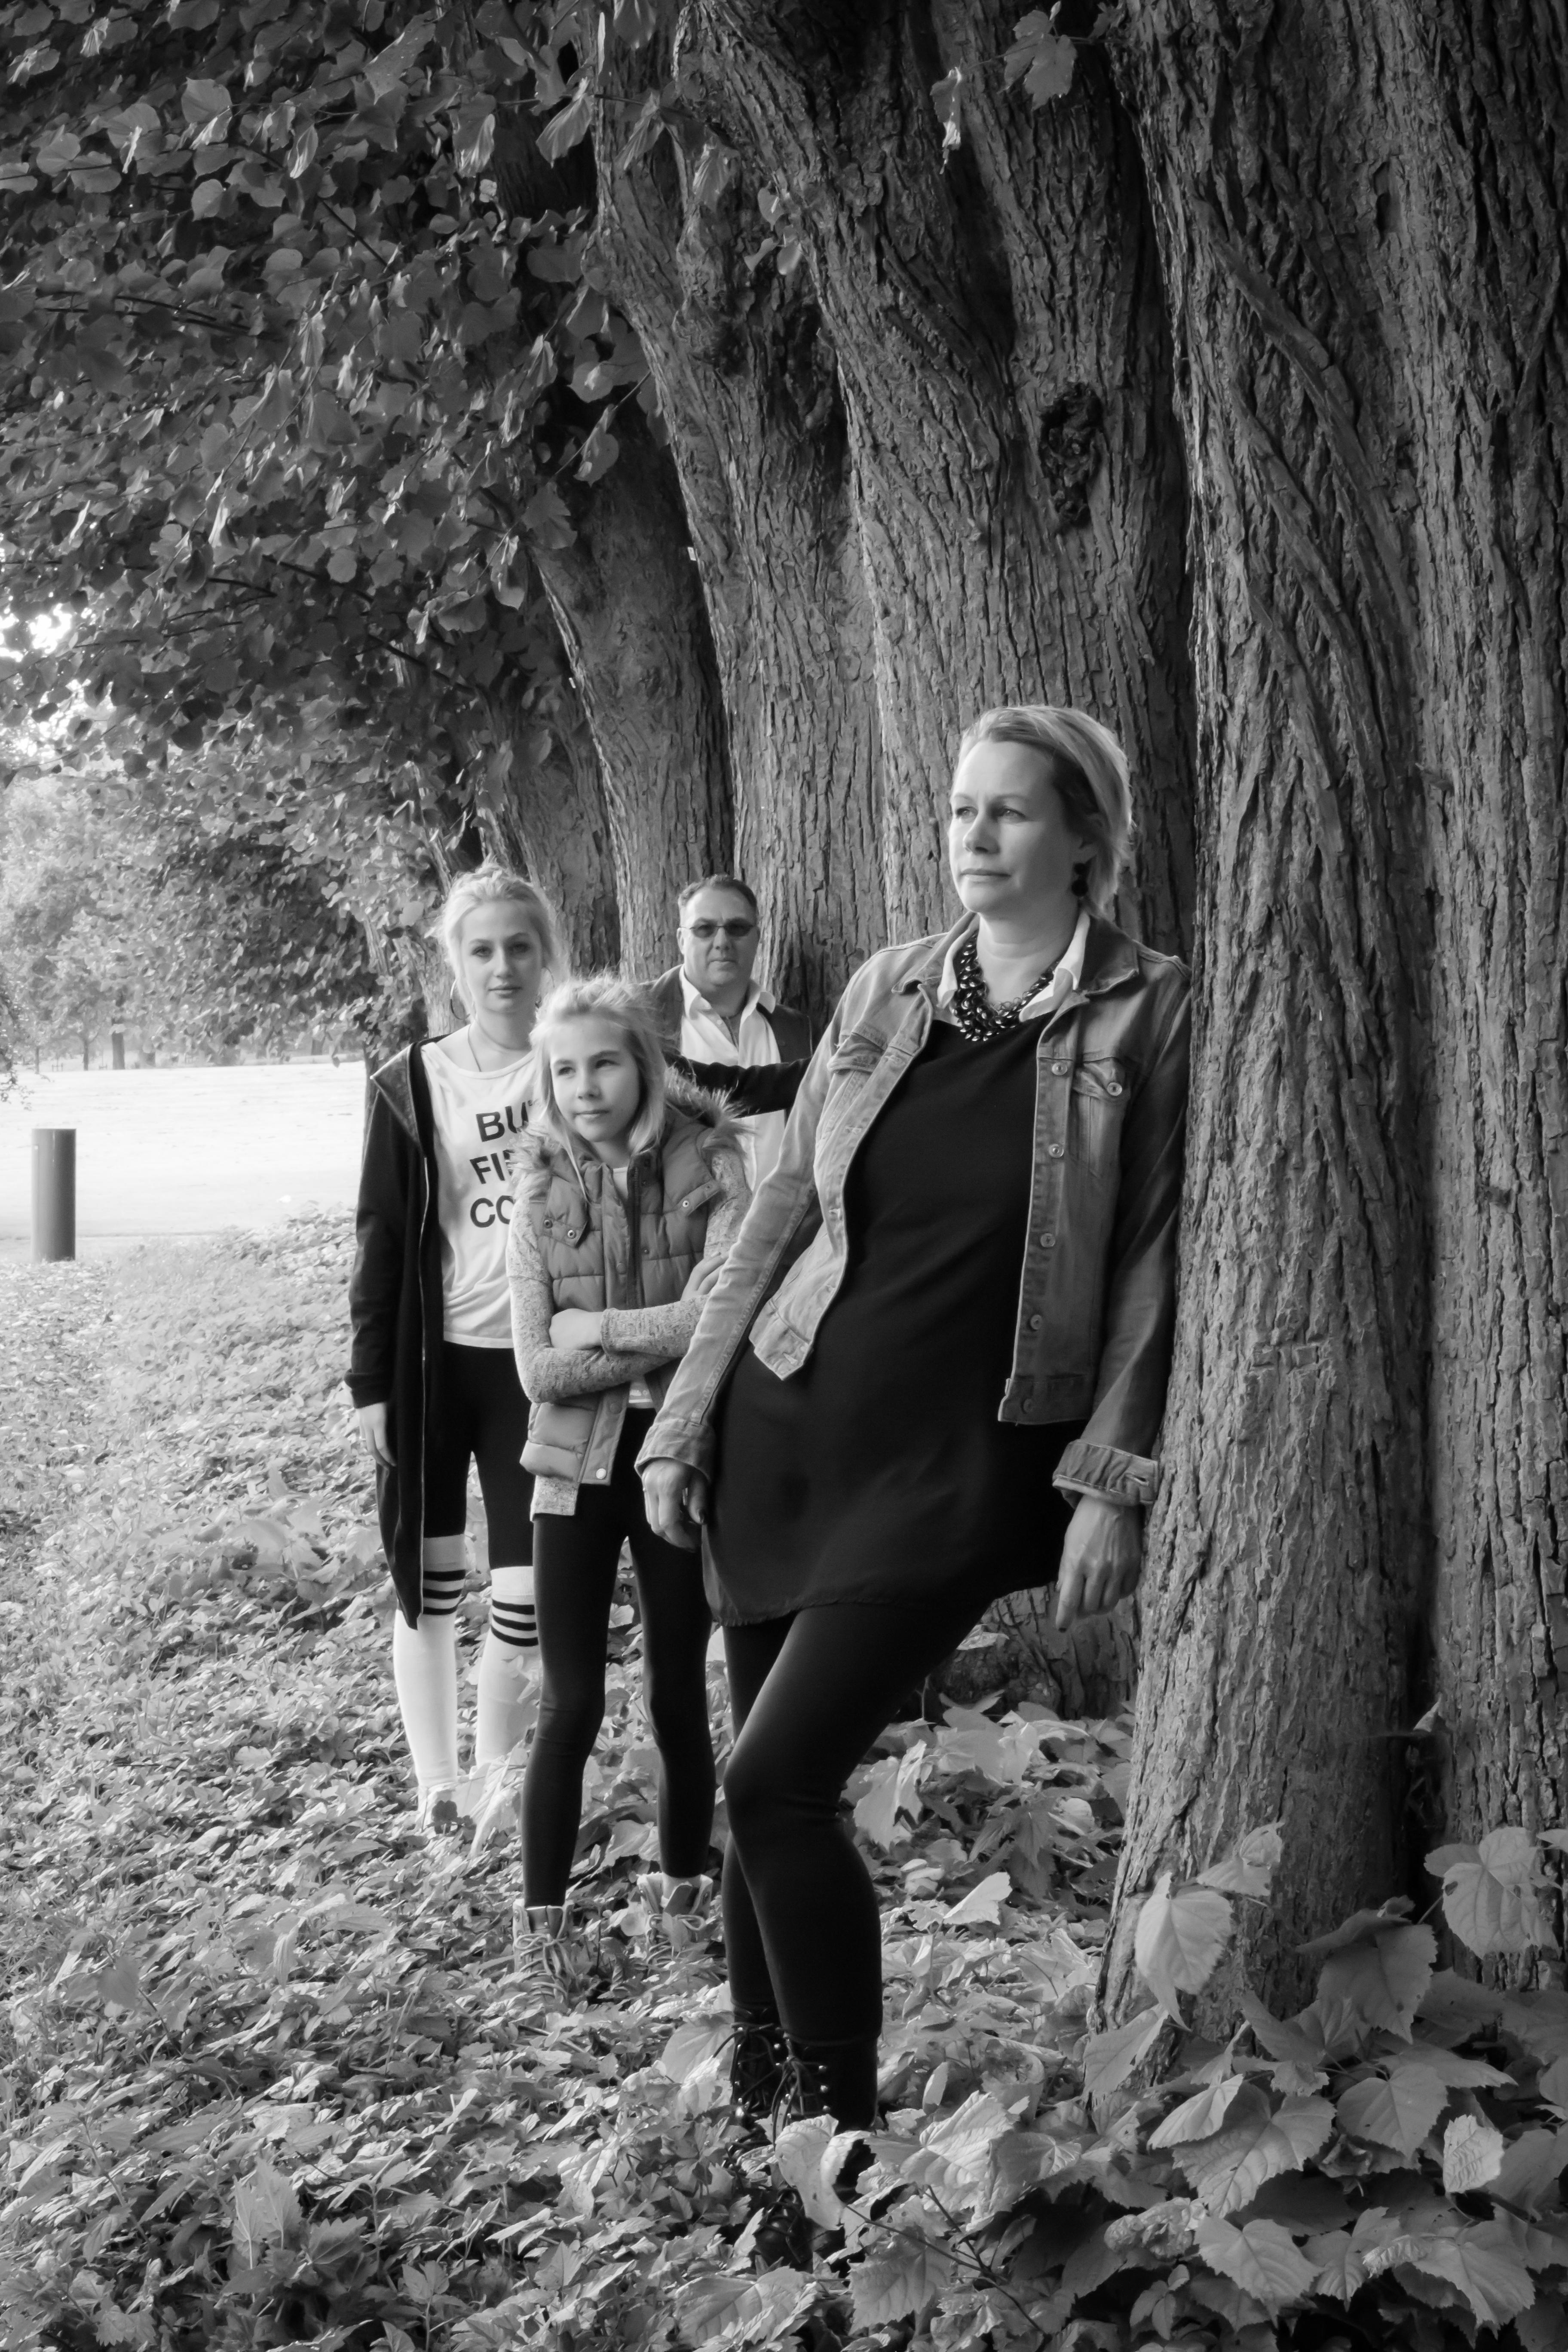 Familie am Wald